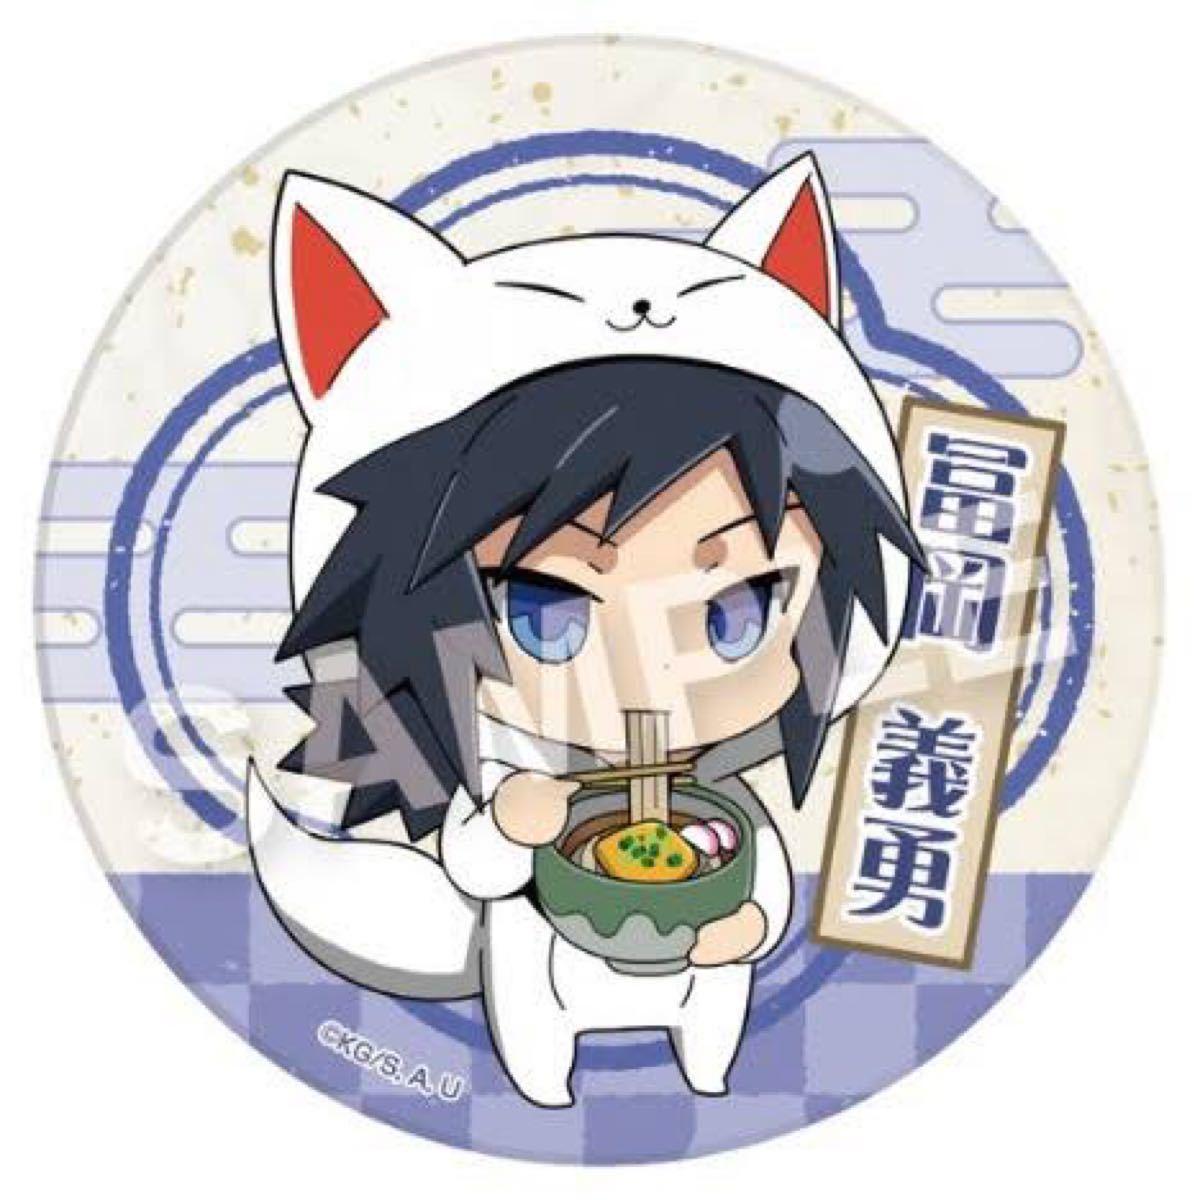 鬼滅の刃 パジャキャラコースター第5弾 冨岡義勇